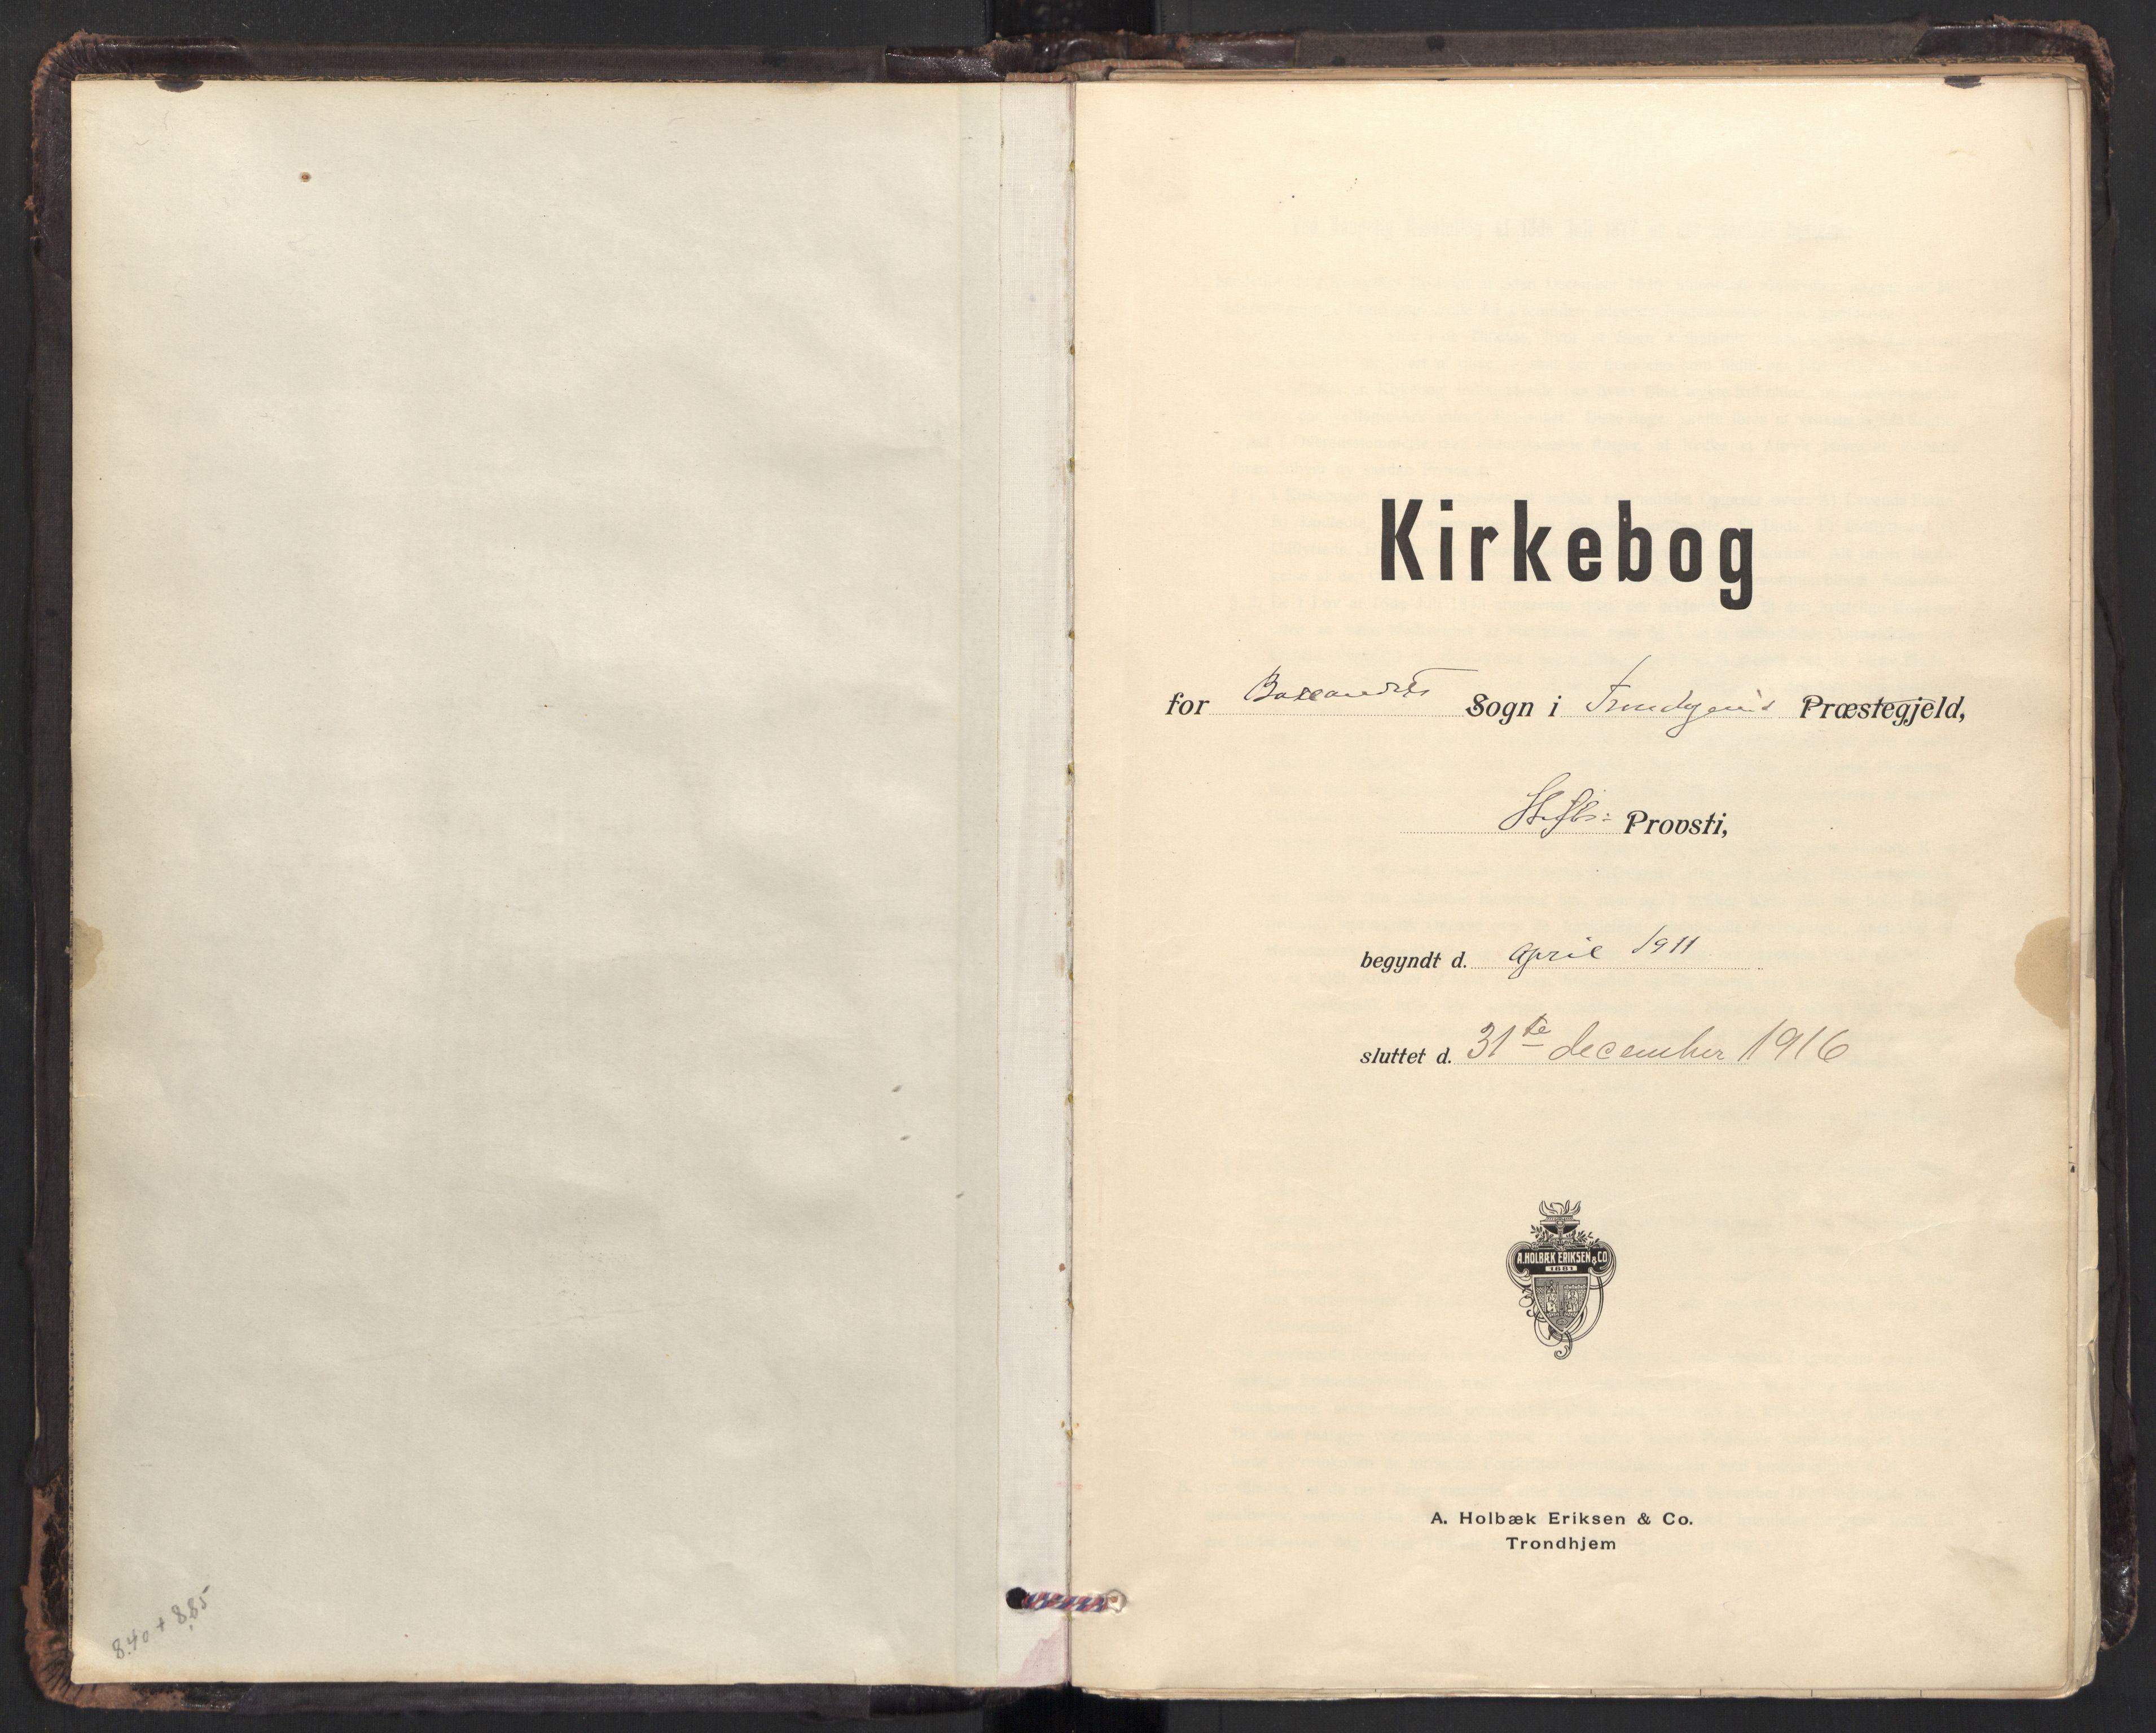 SAT, Ministerialprotokoller, klokkerbøker og fødselsregistre - Sør-Trøndelag, 604/L0204: Ministerialbok nr. 604A24, 1911-1920